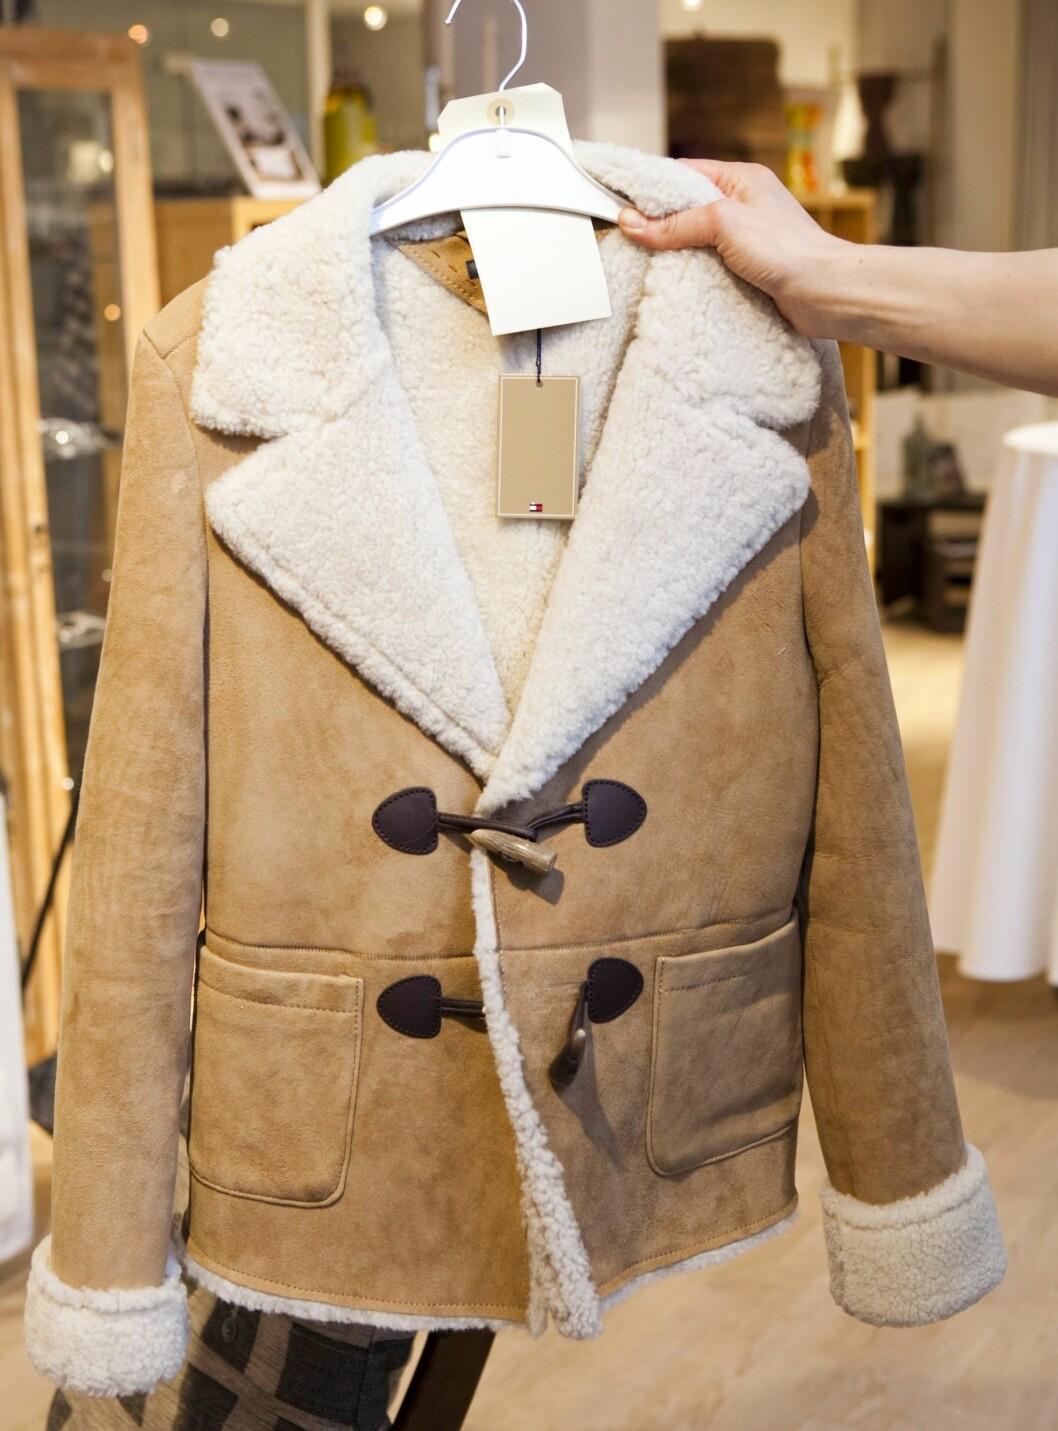 Saueskinnsjakken har ikke tenkt seg noe sted med det første, men det jeg likte med denne Tommy Hilfiger-modellen var duffelcoat-elementene.